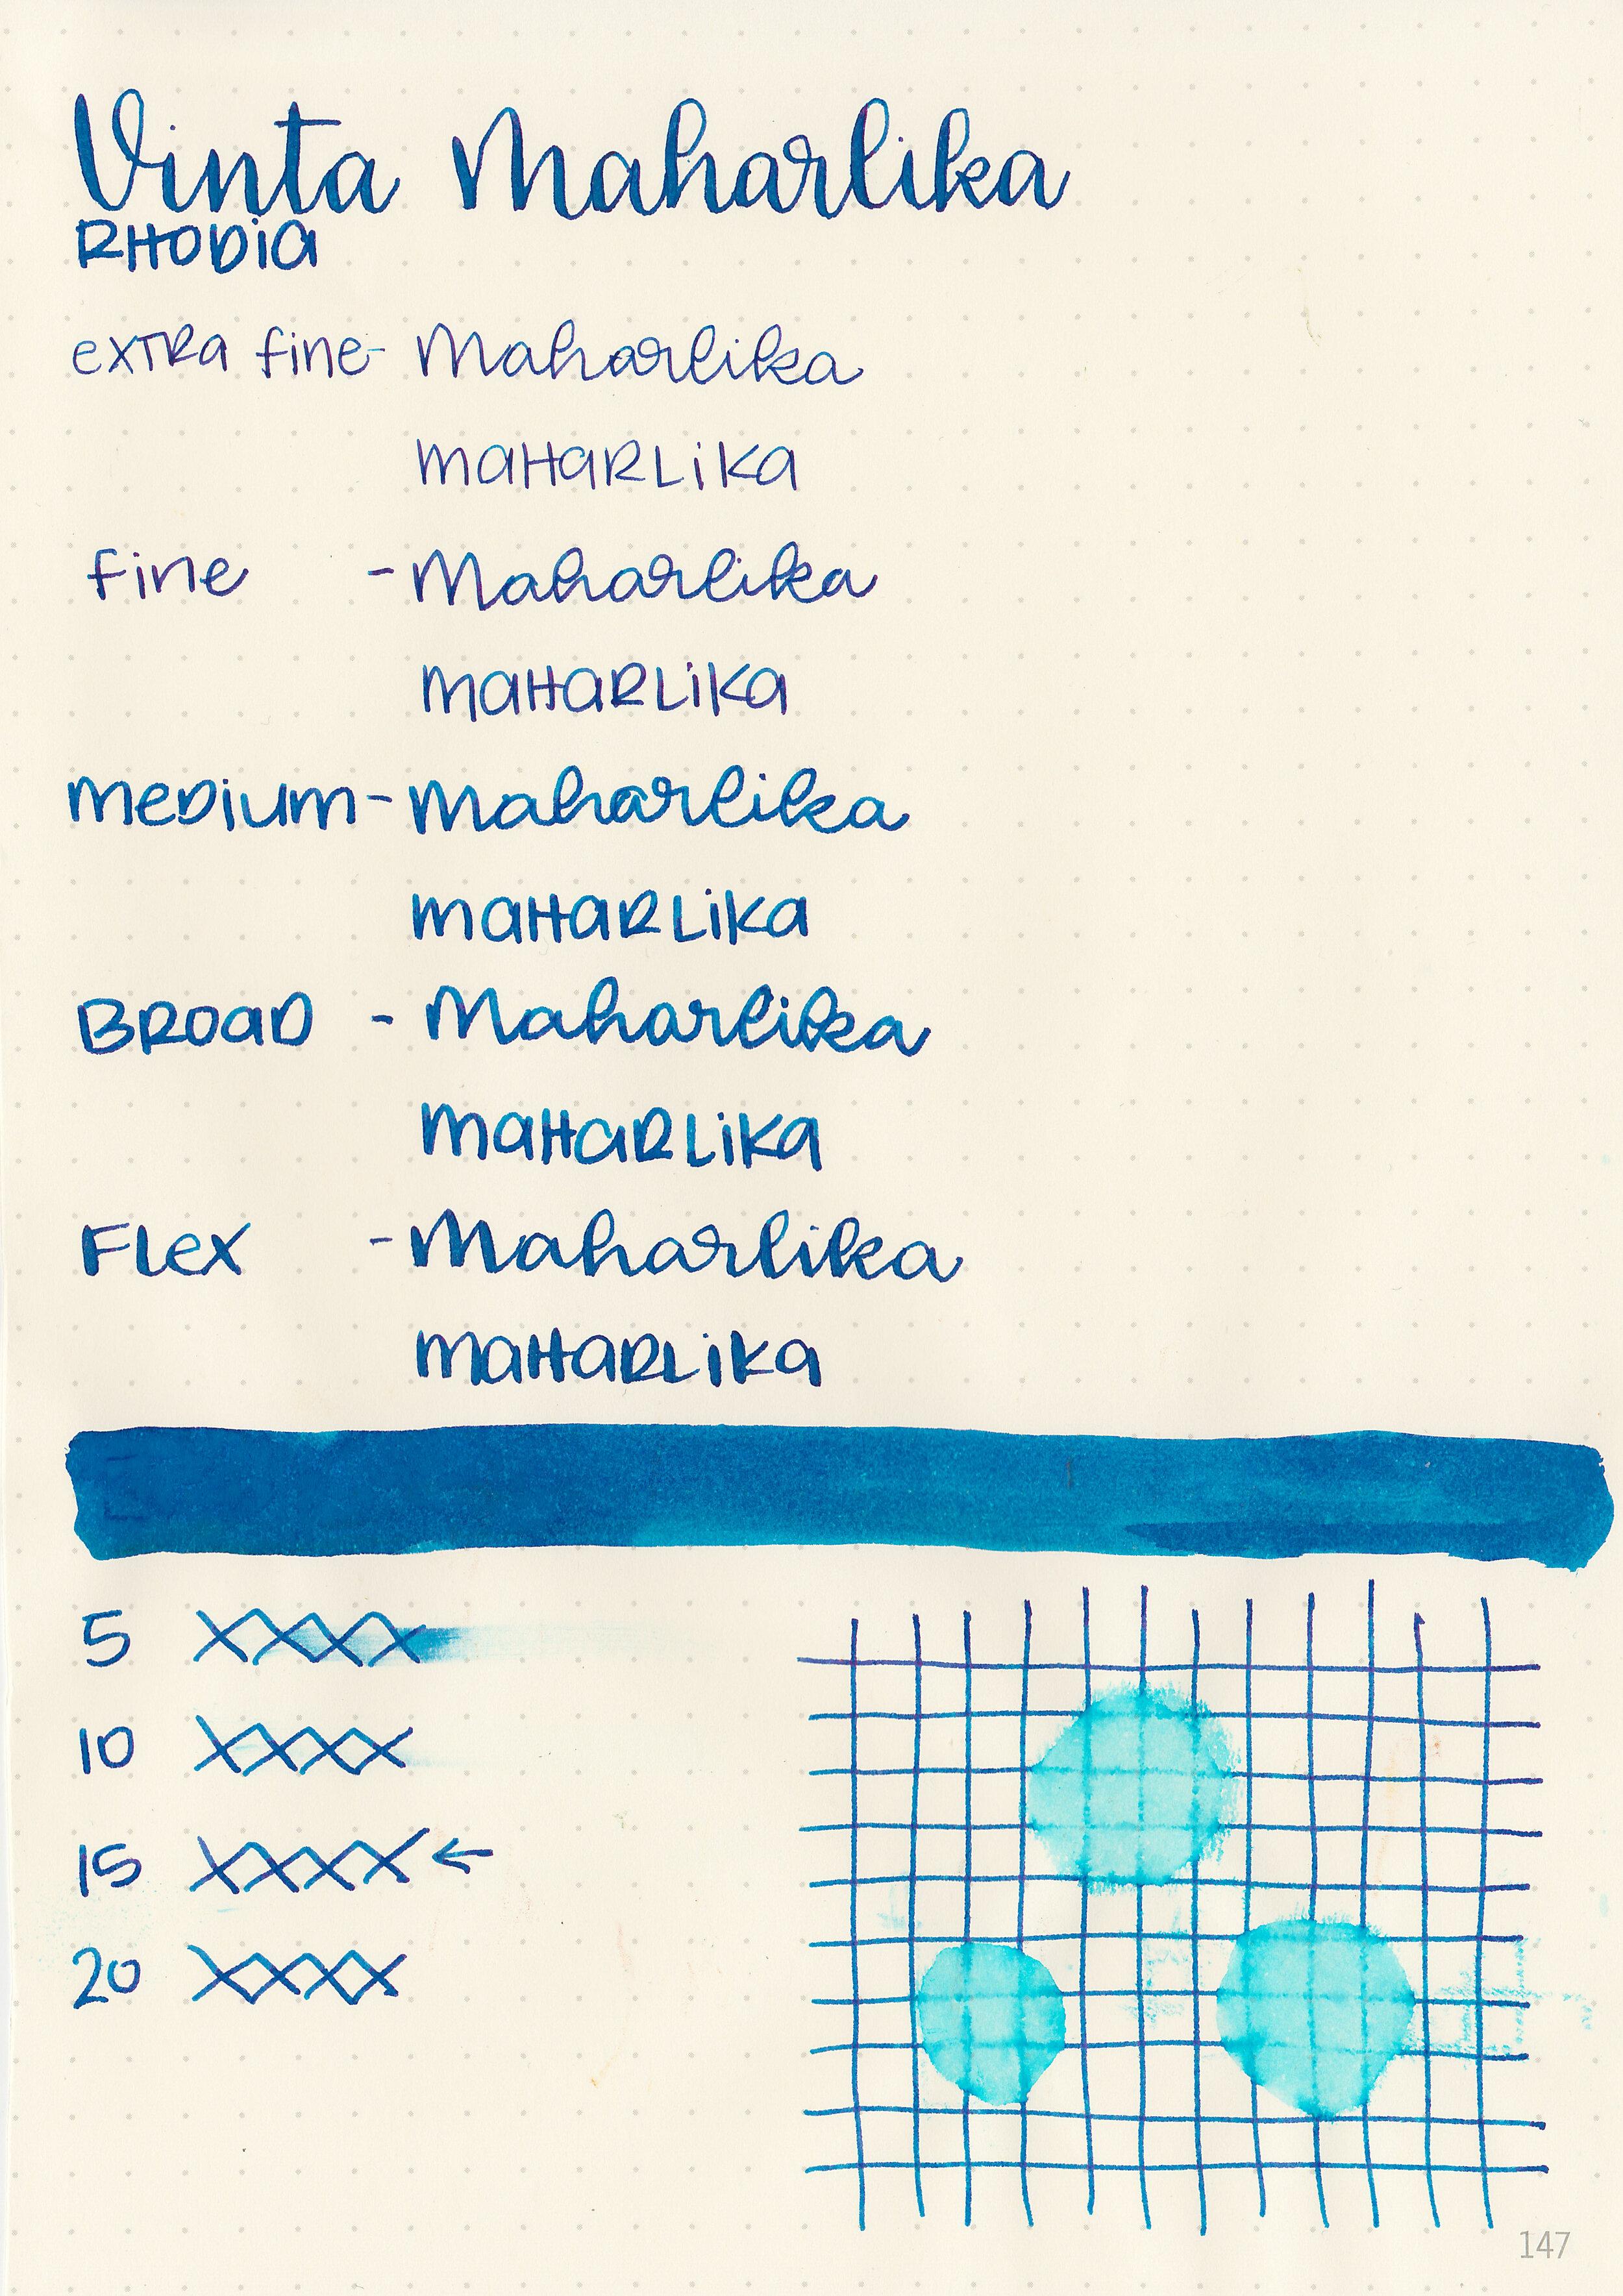 vnt-maharlika-3.jpg